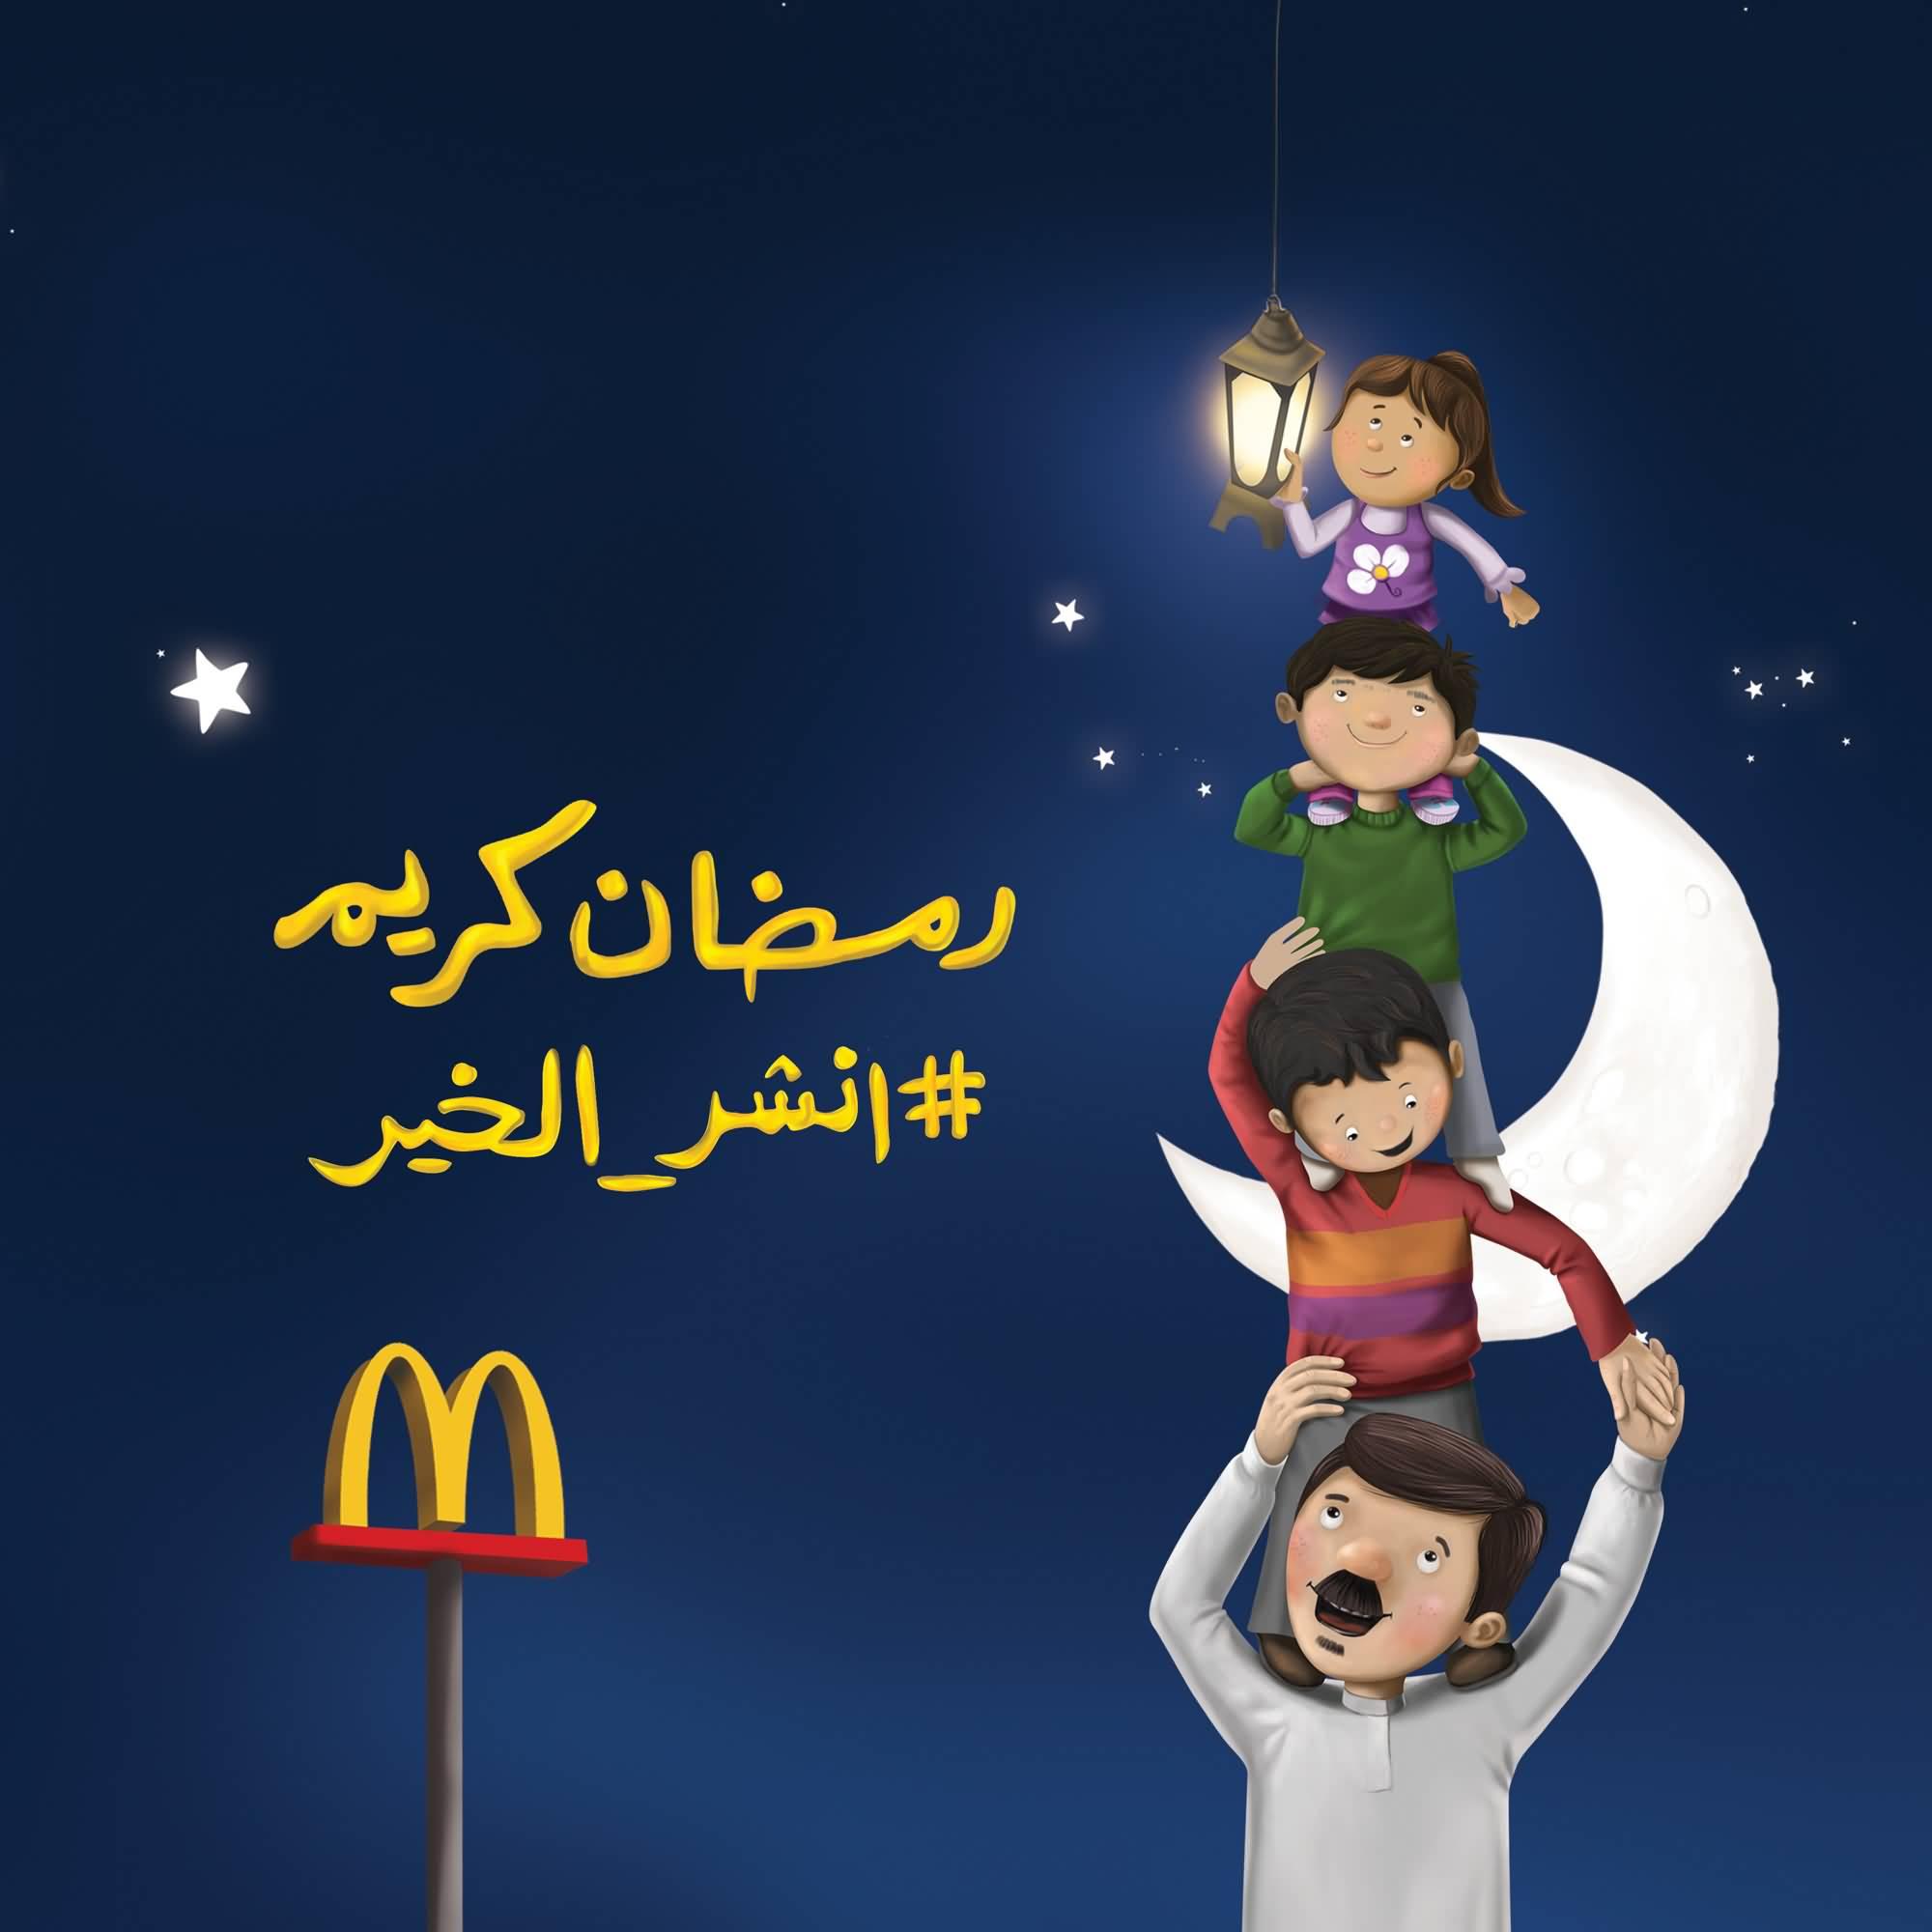 ماكدونالدز الإمارات تطلق مبادرتها الرمضانية لصالح بيت الخير